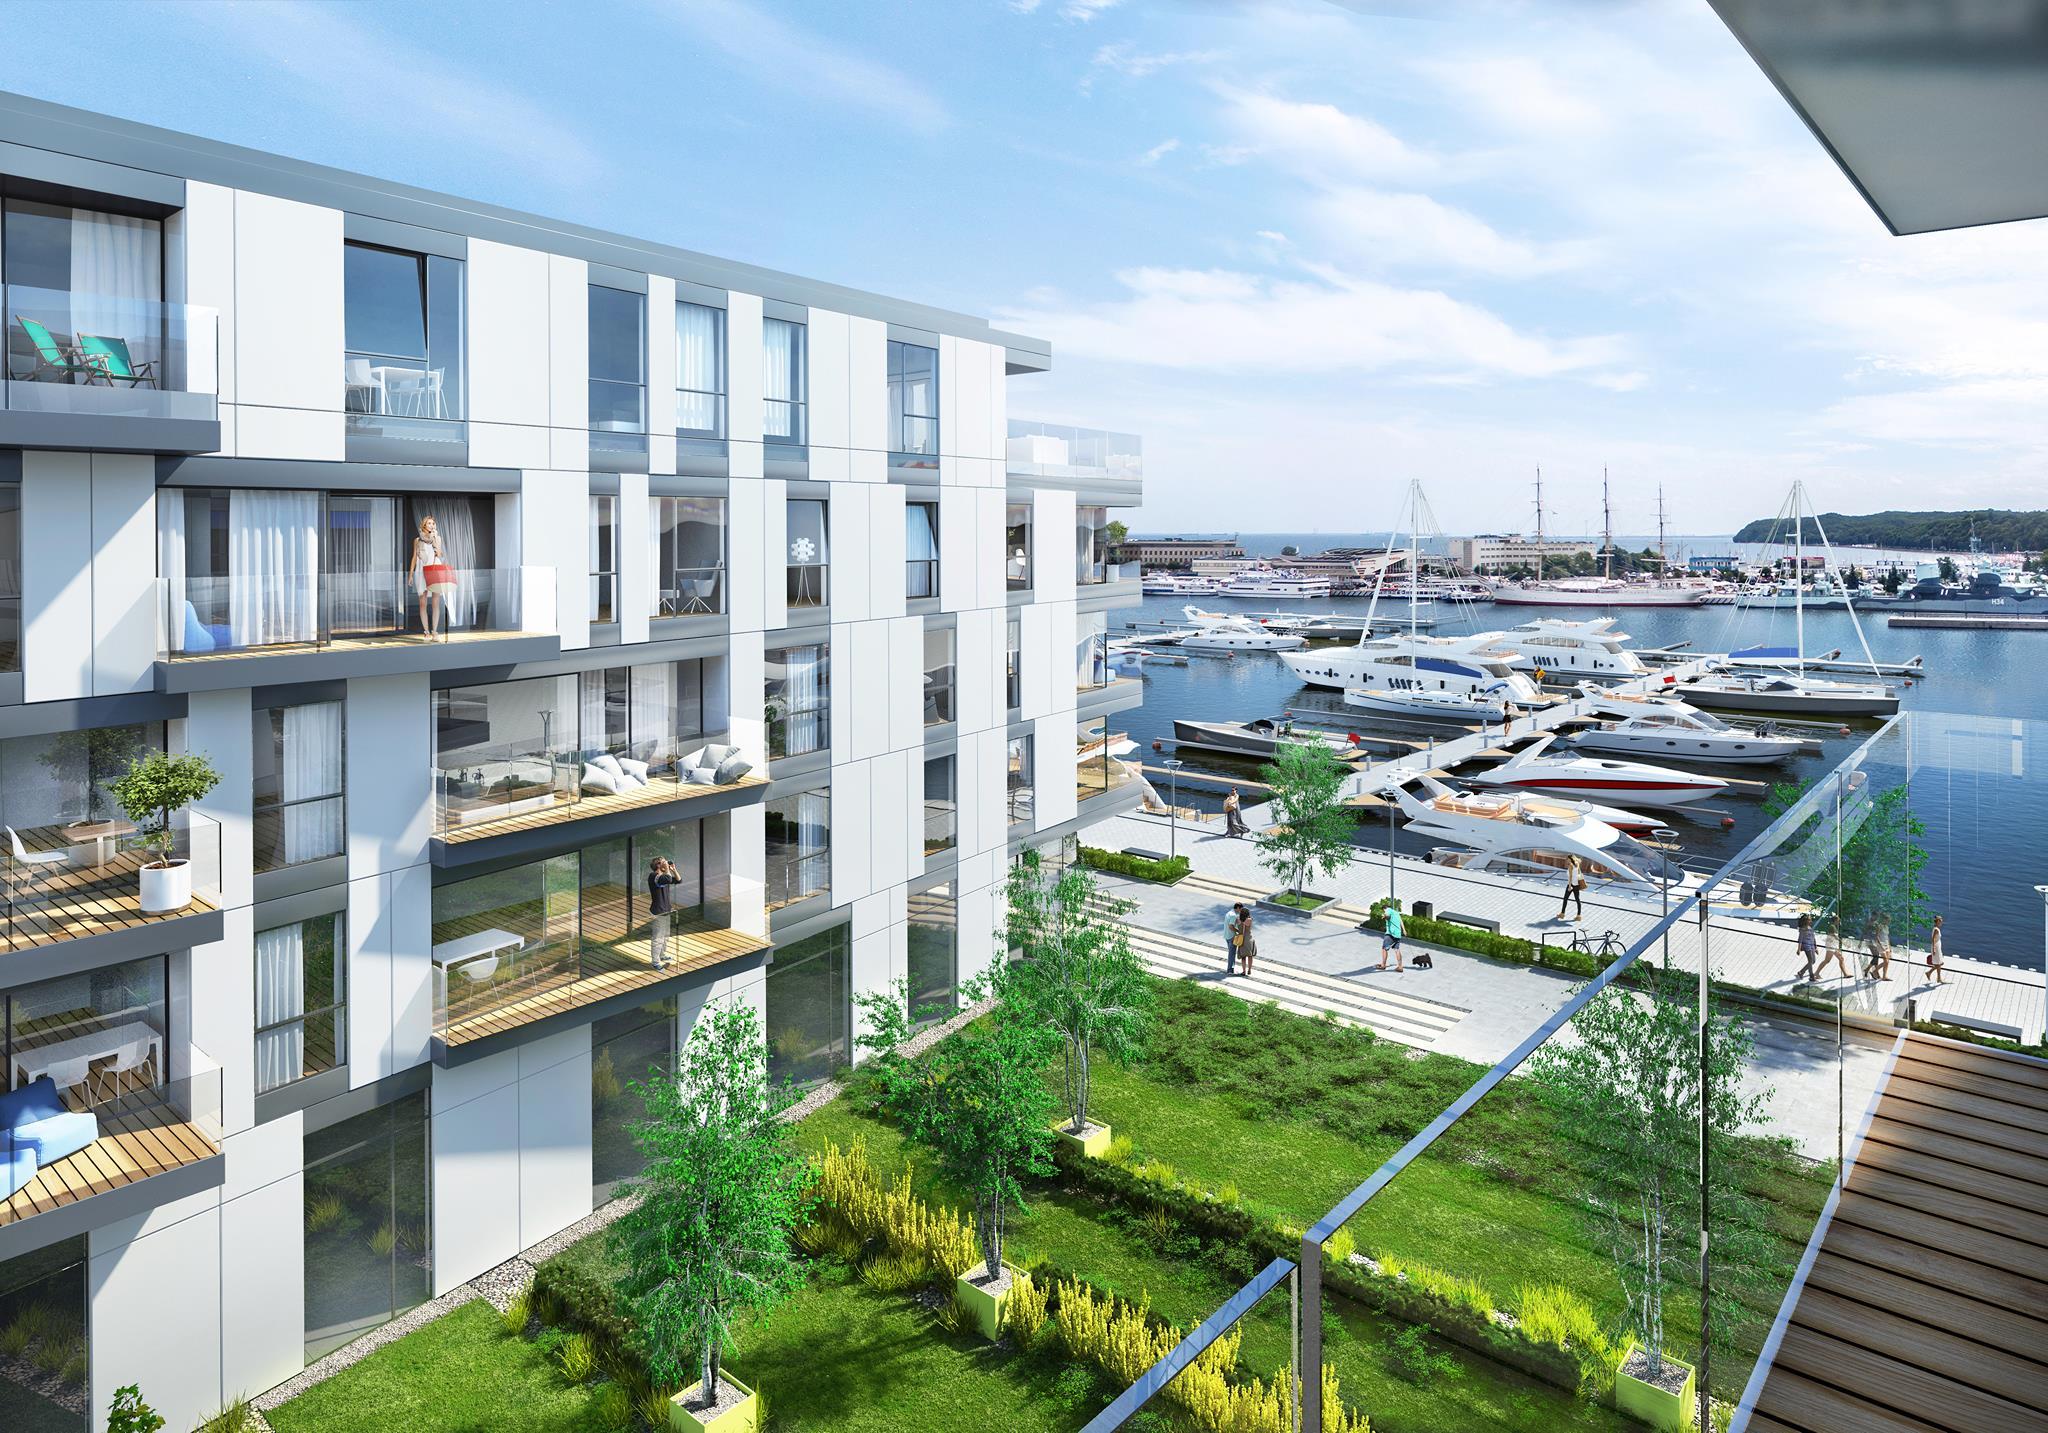 Yacht Park pomieści 120 jachtów (fot. gdynia.pl)